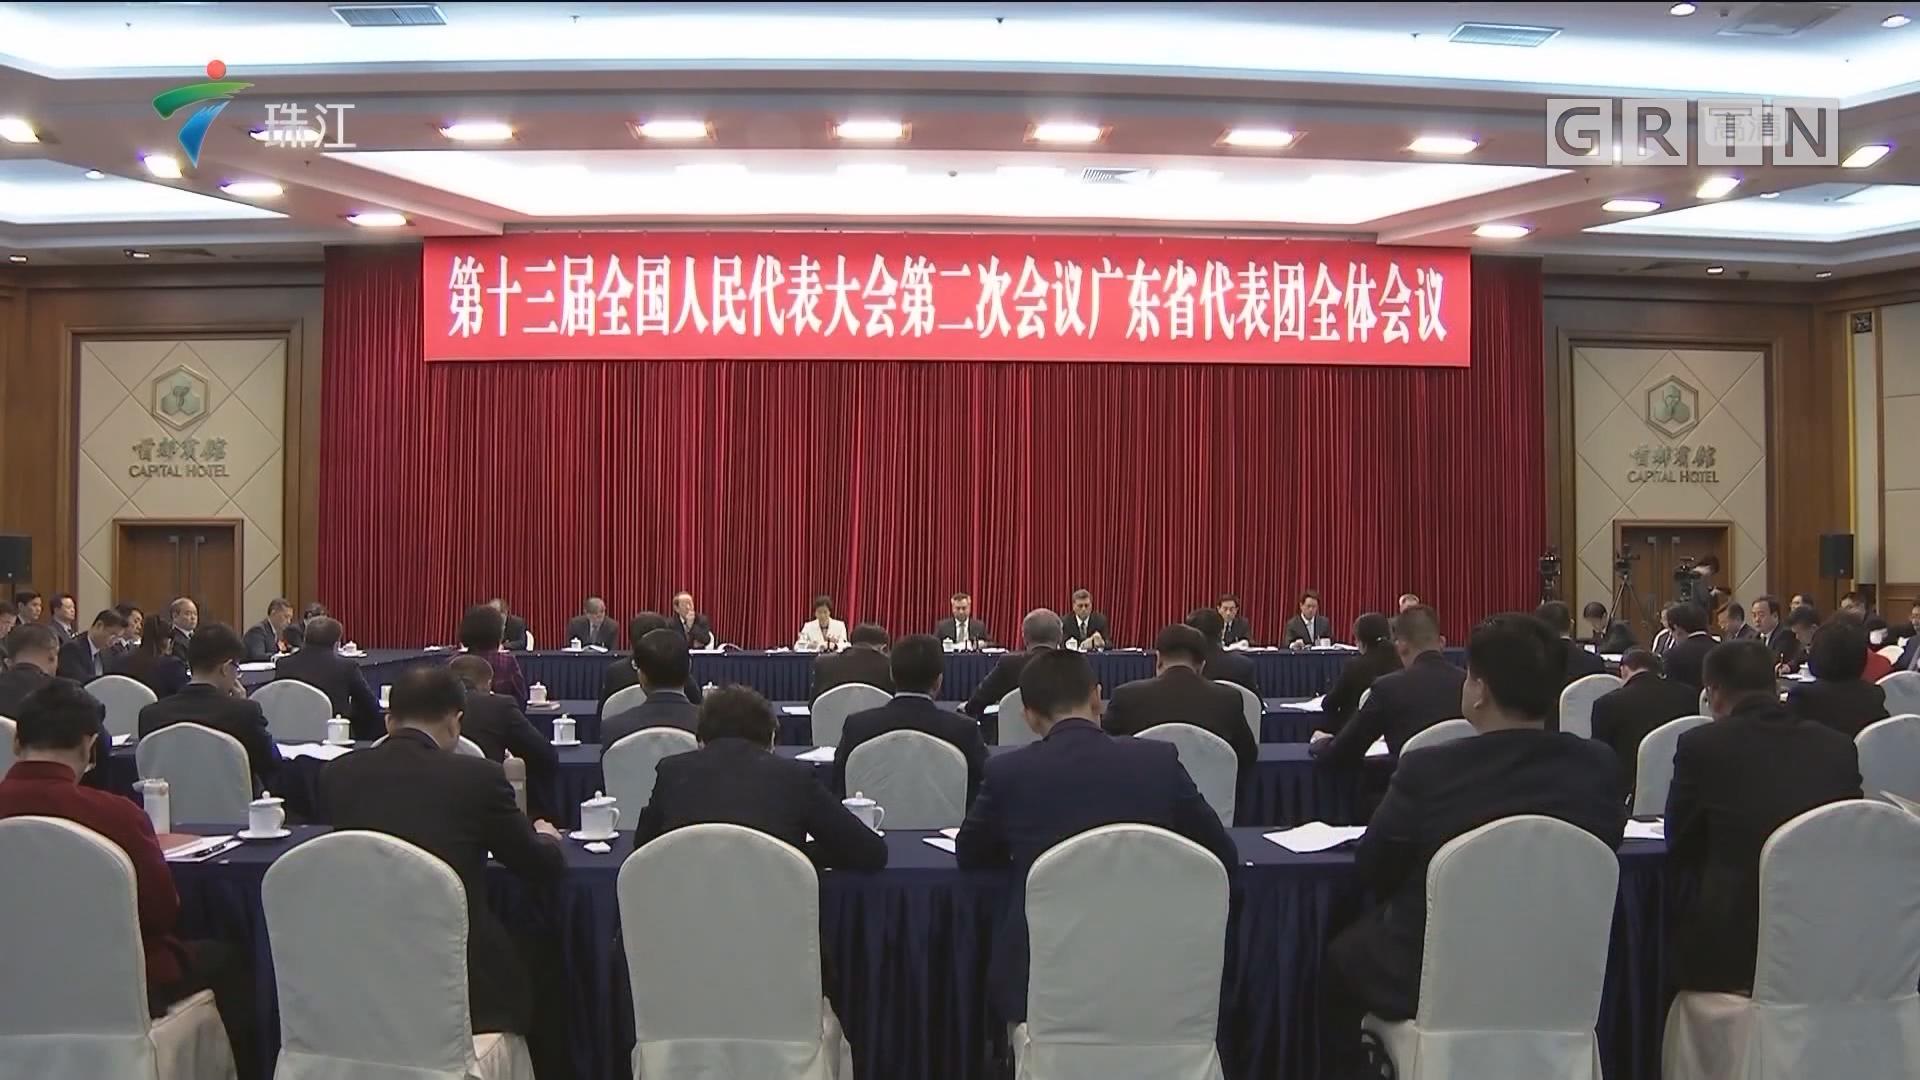 广东代表团召开全体会议 审议全国人大常委会工作报告